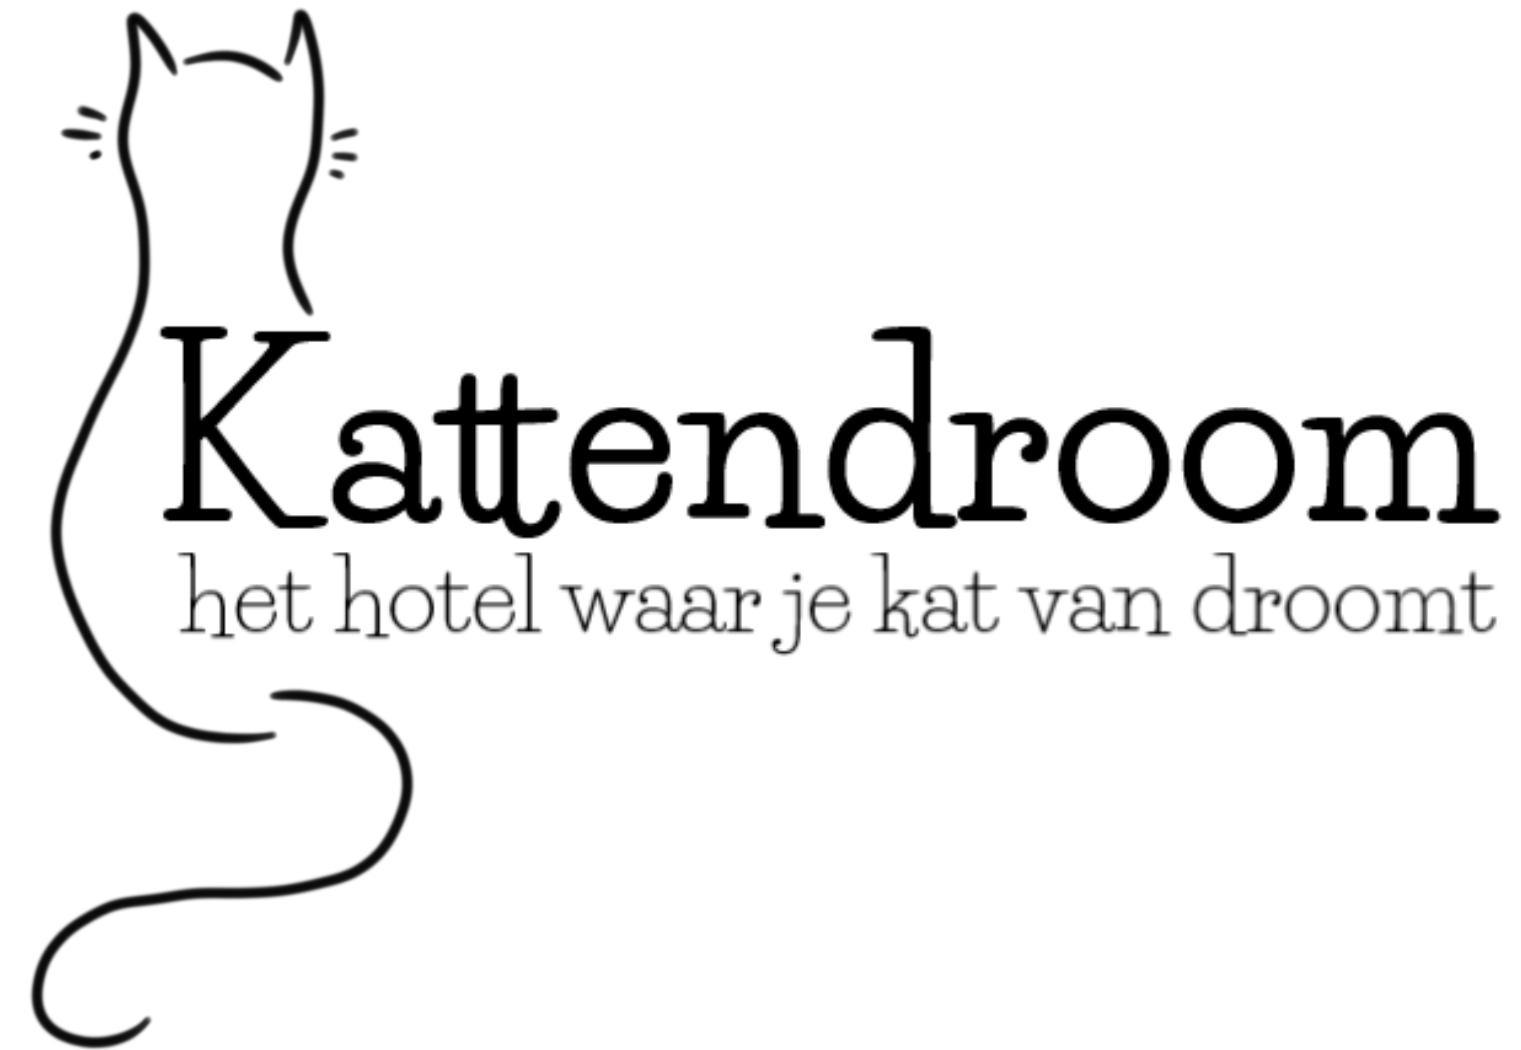 Kattendroom